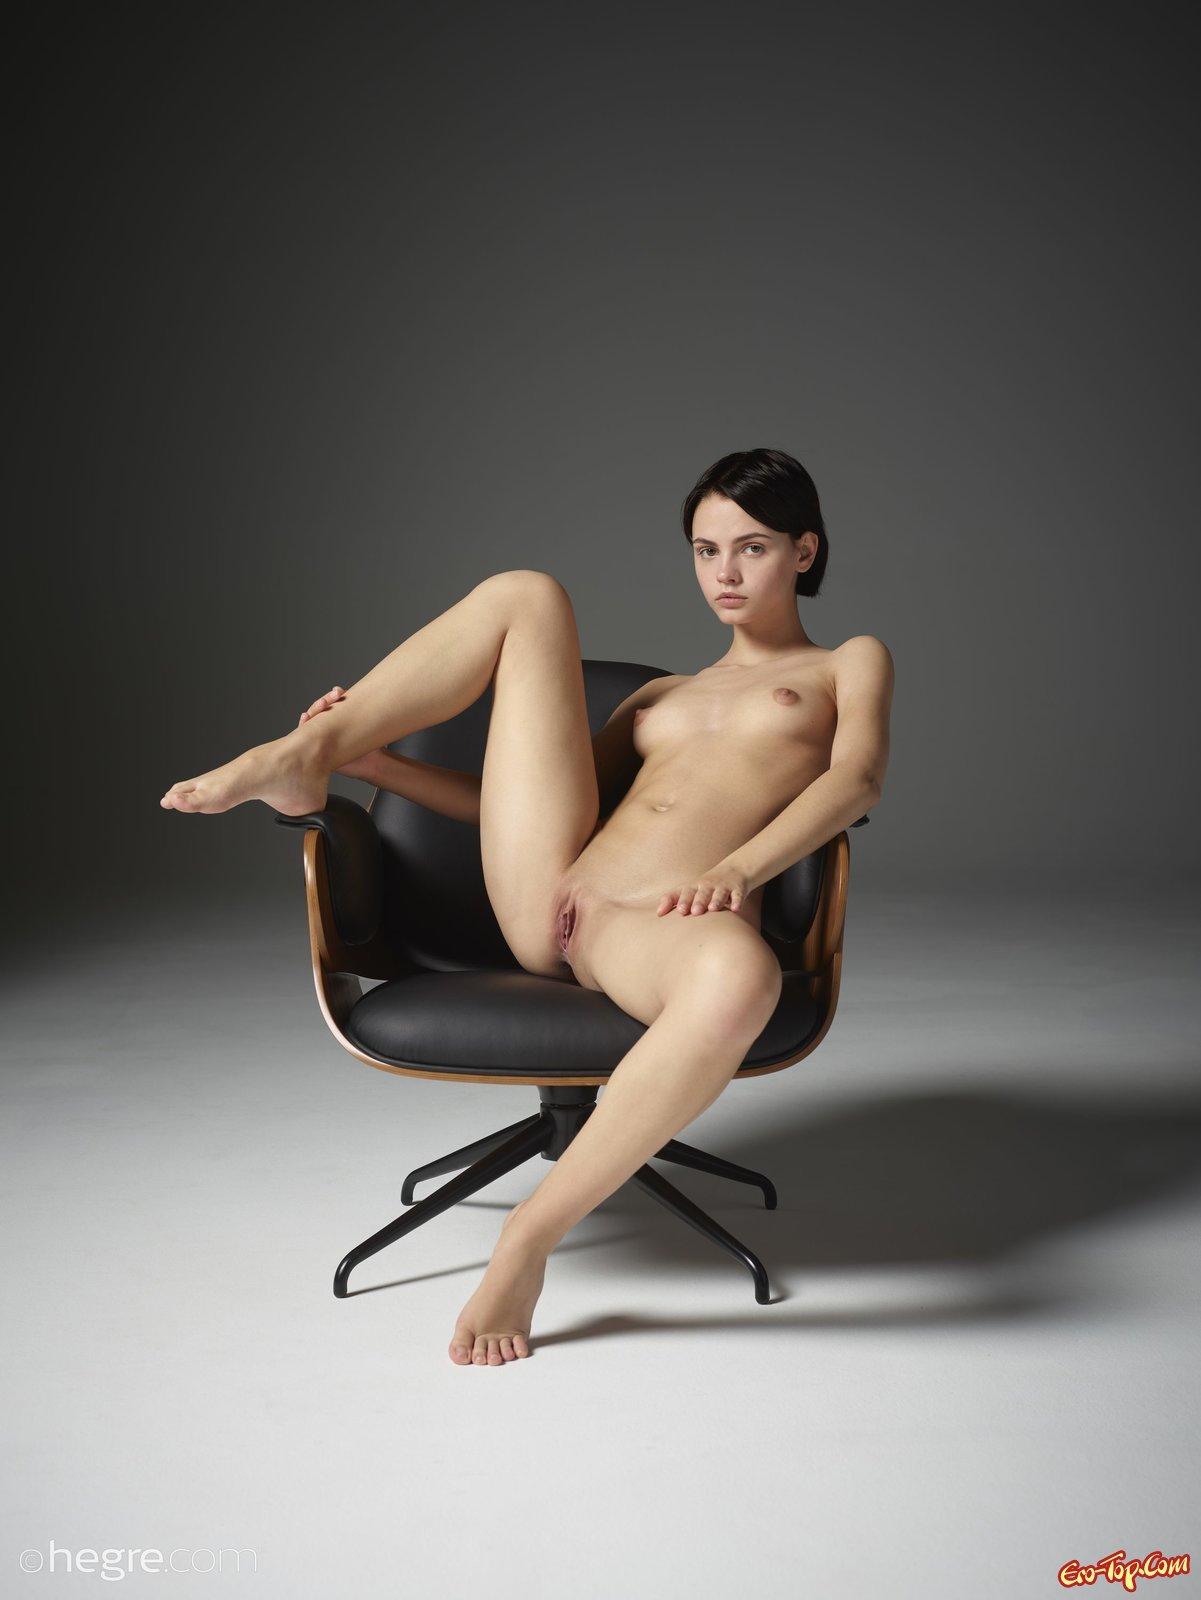 Голая девушка в эротической фото сессии